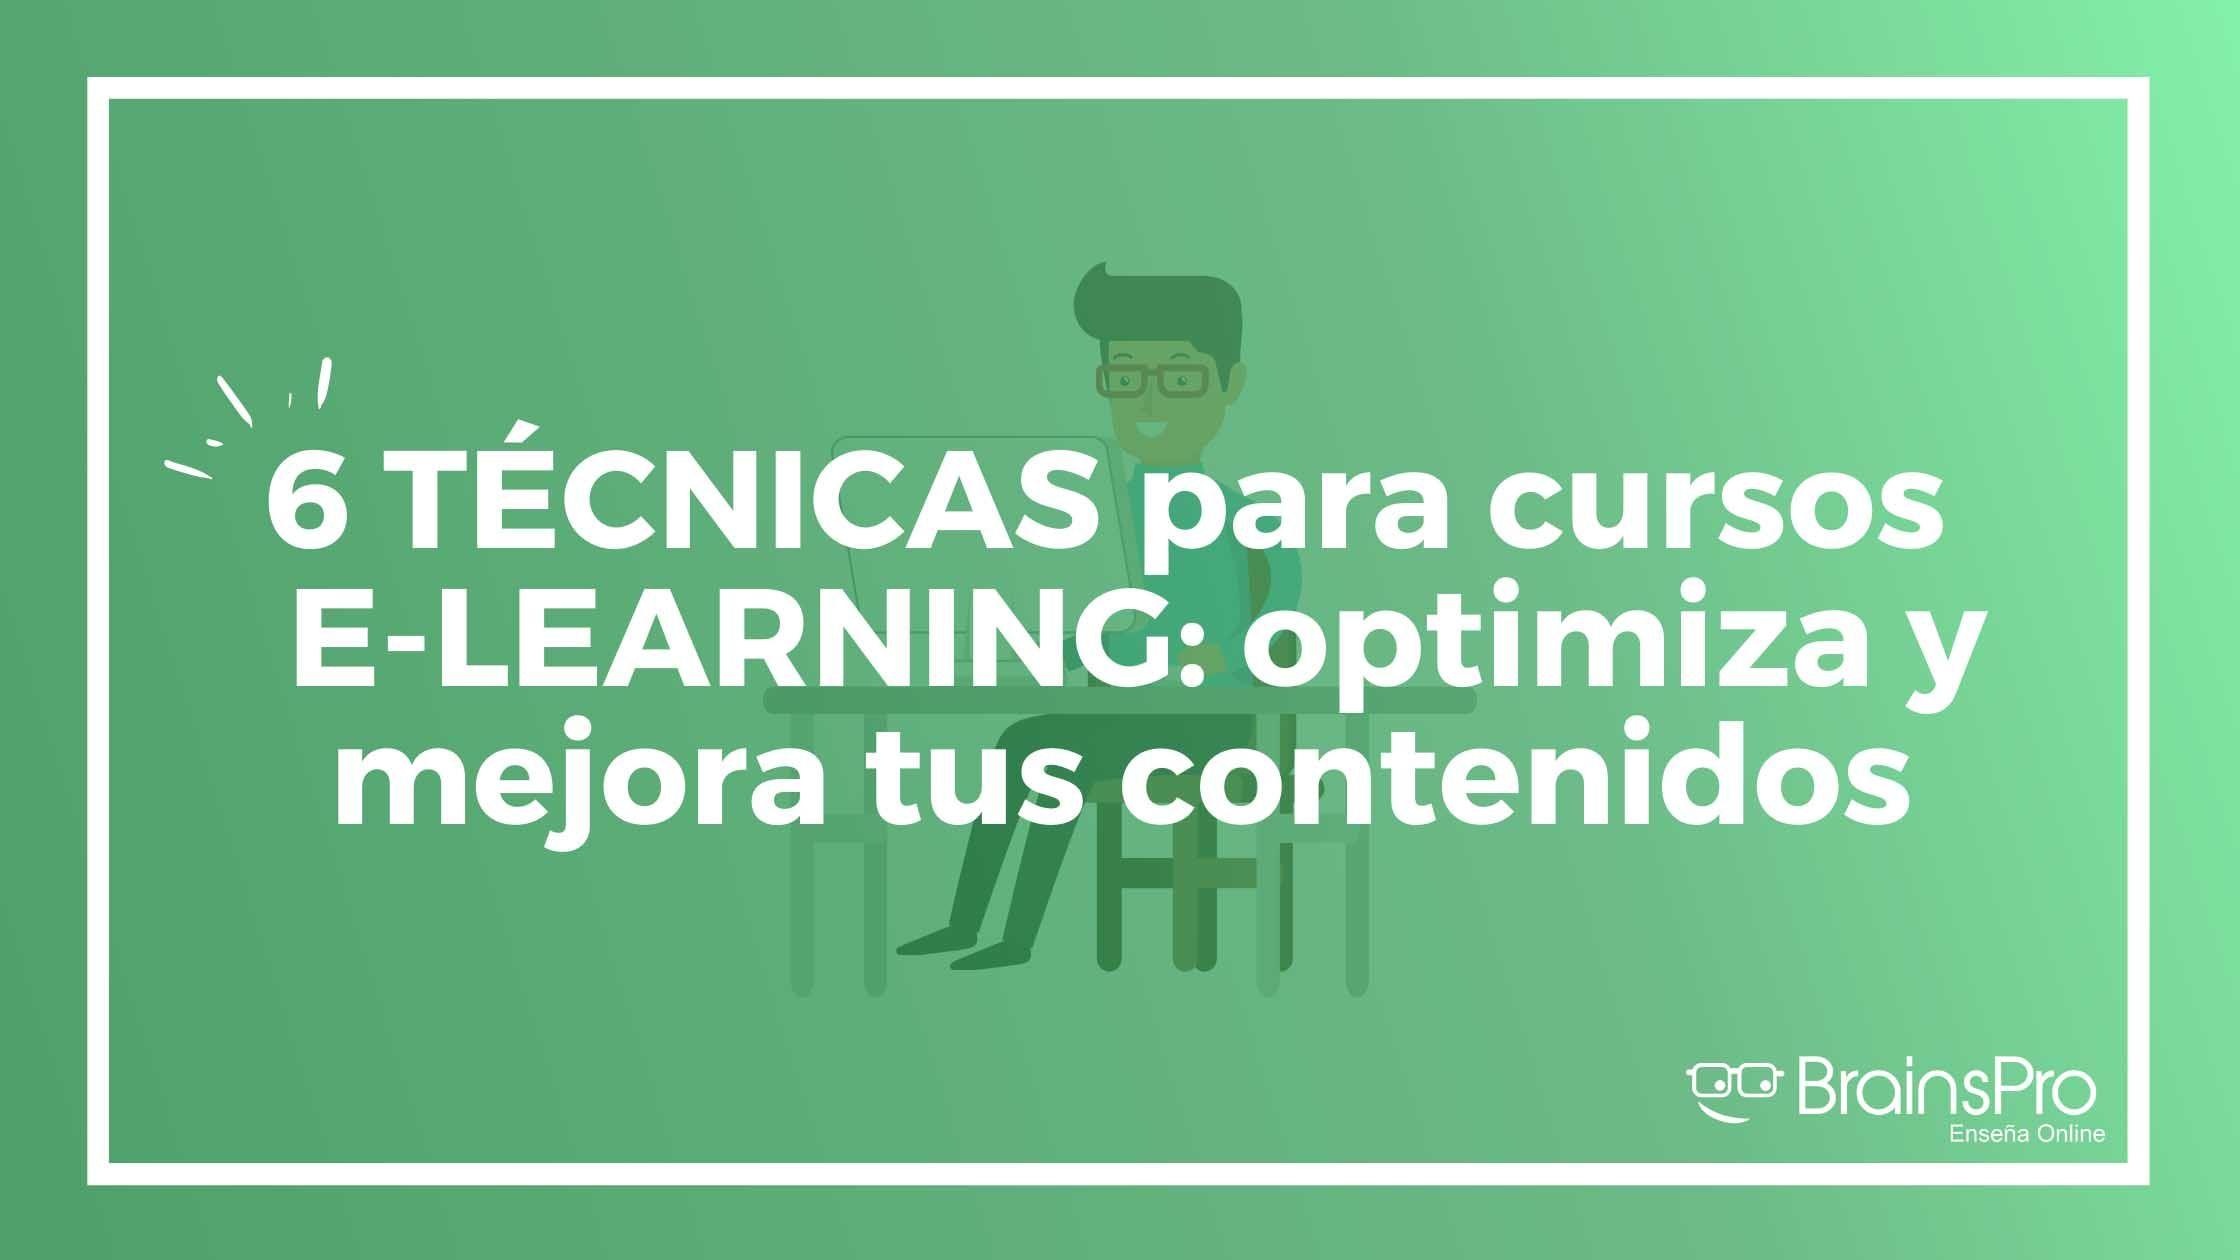 6 técnicas para cursos elearning: optimiza y mejora tus contenidos